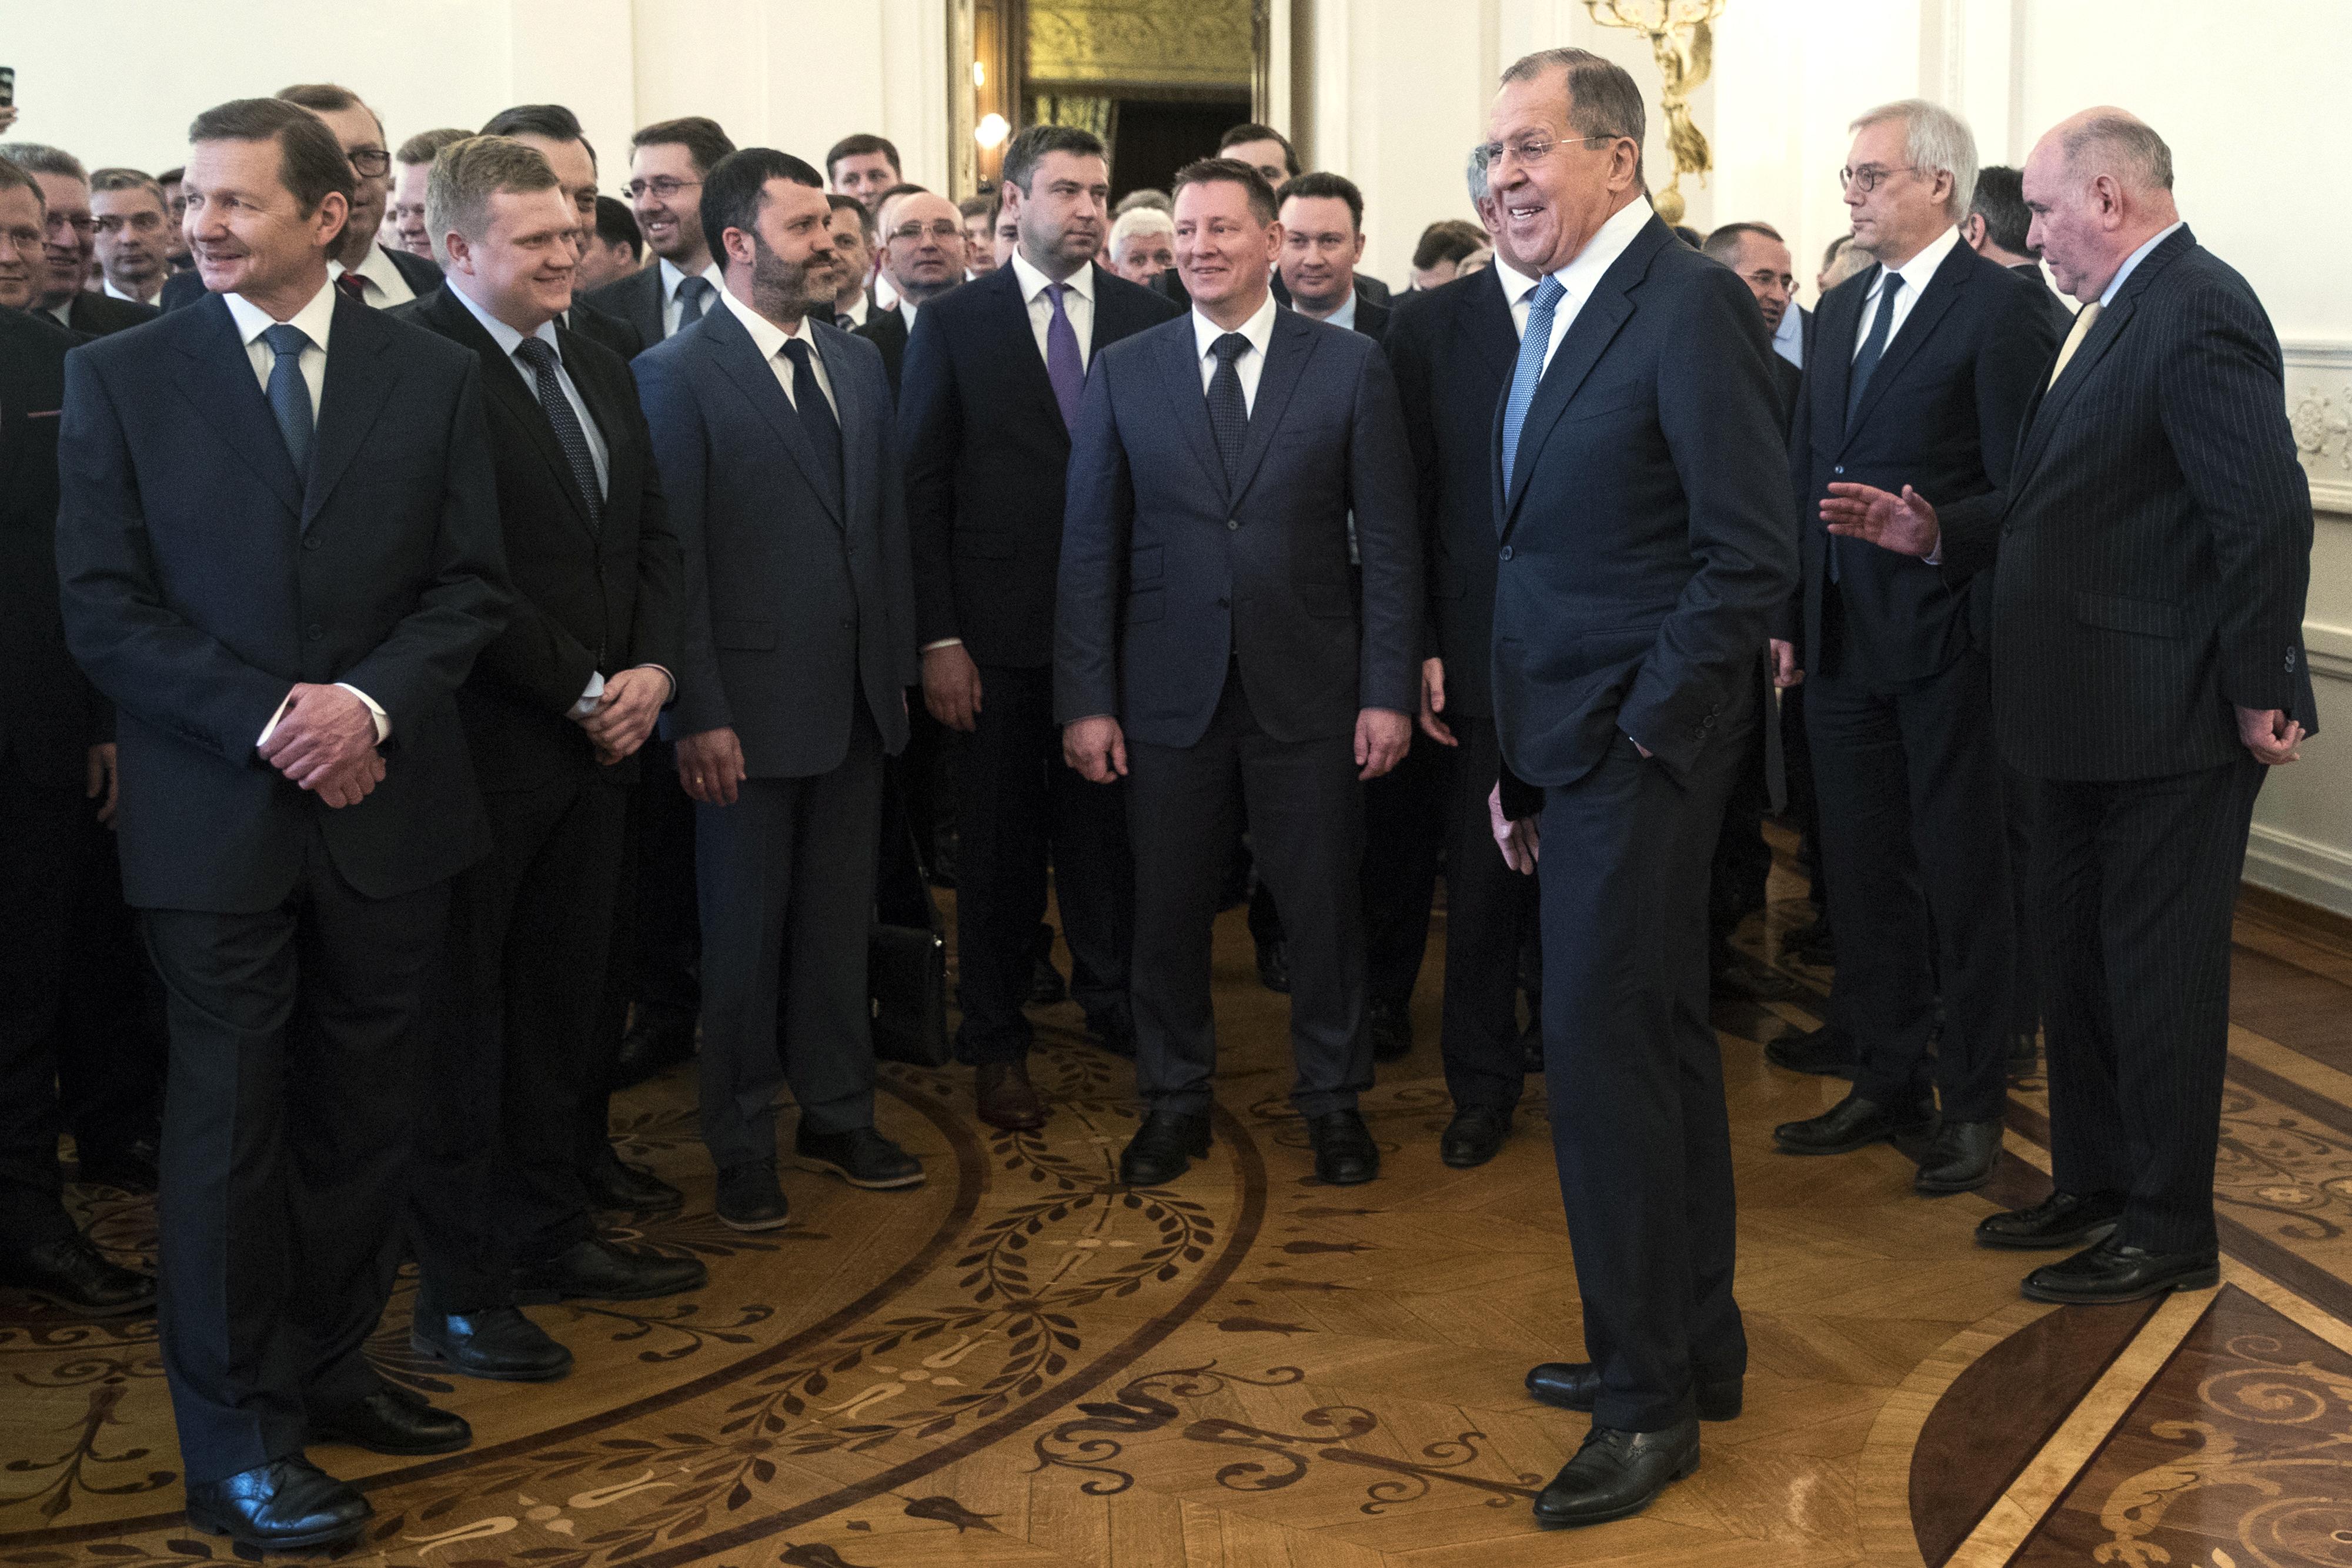 Лавров към изгонени дипломати: Не се огъваме пред ултиматуми